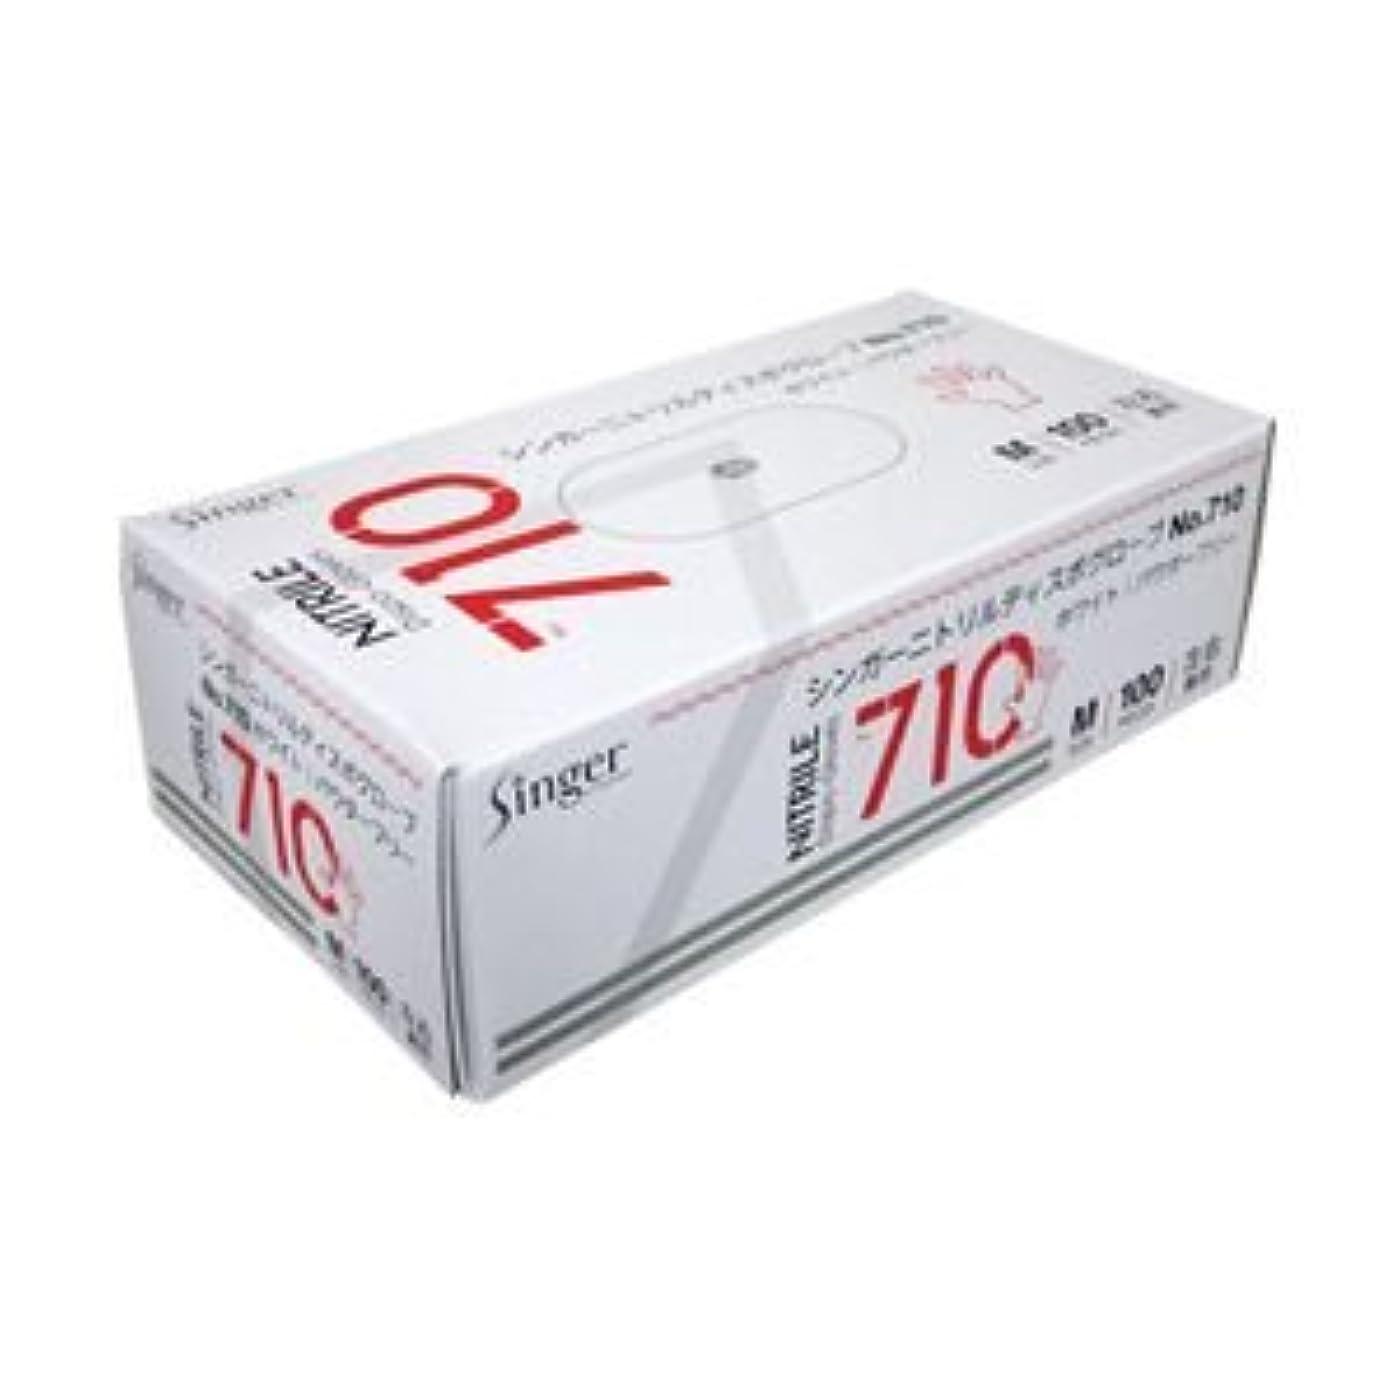 振り子トークンオフ宇都宮製作 ニトリル手袋710 粉なし M 1箱(100枚) ×5セット